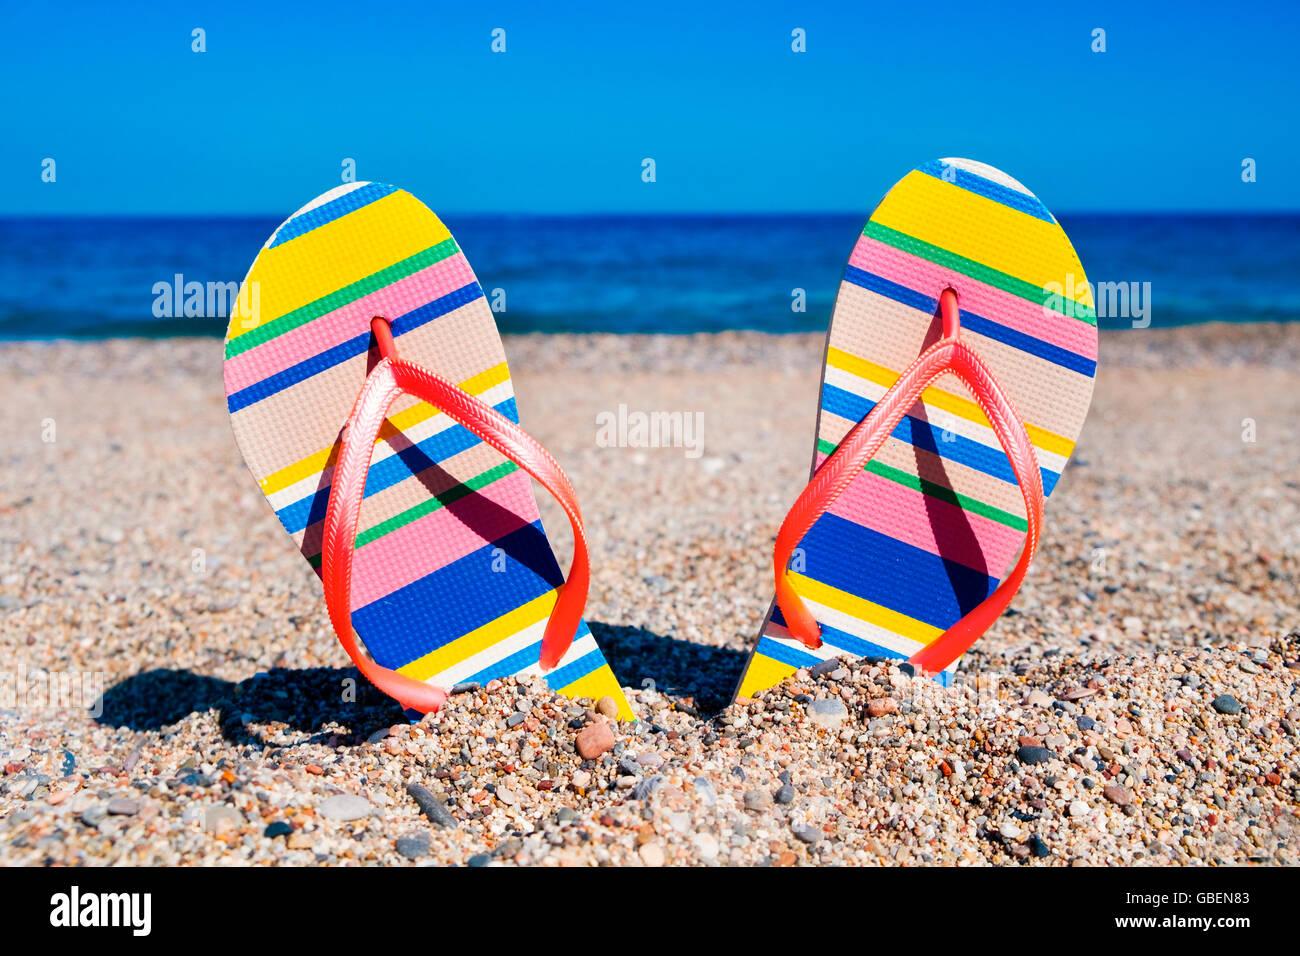 Libre d'une paire de tongs à rayures avec sangles rose collé sur le sable d'une plage Banque D'Images